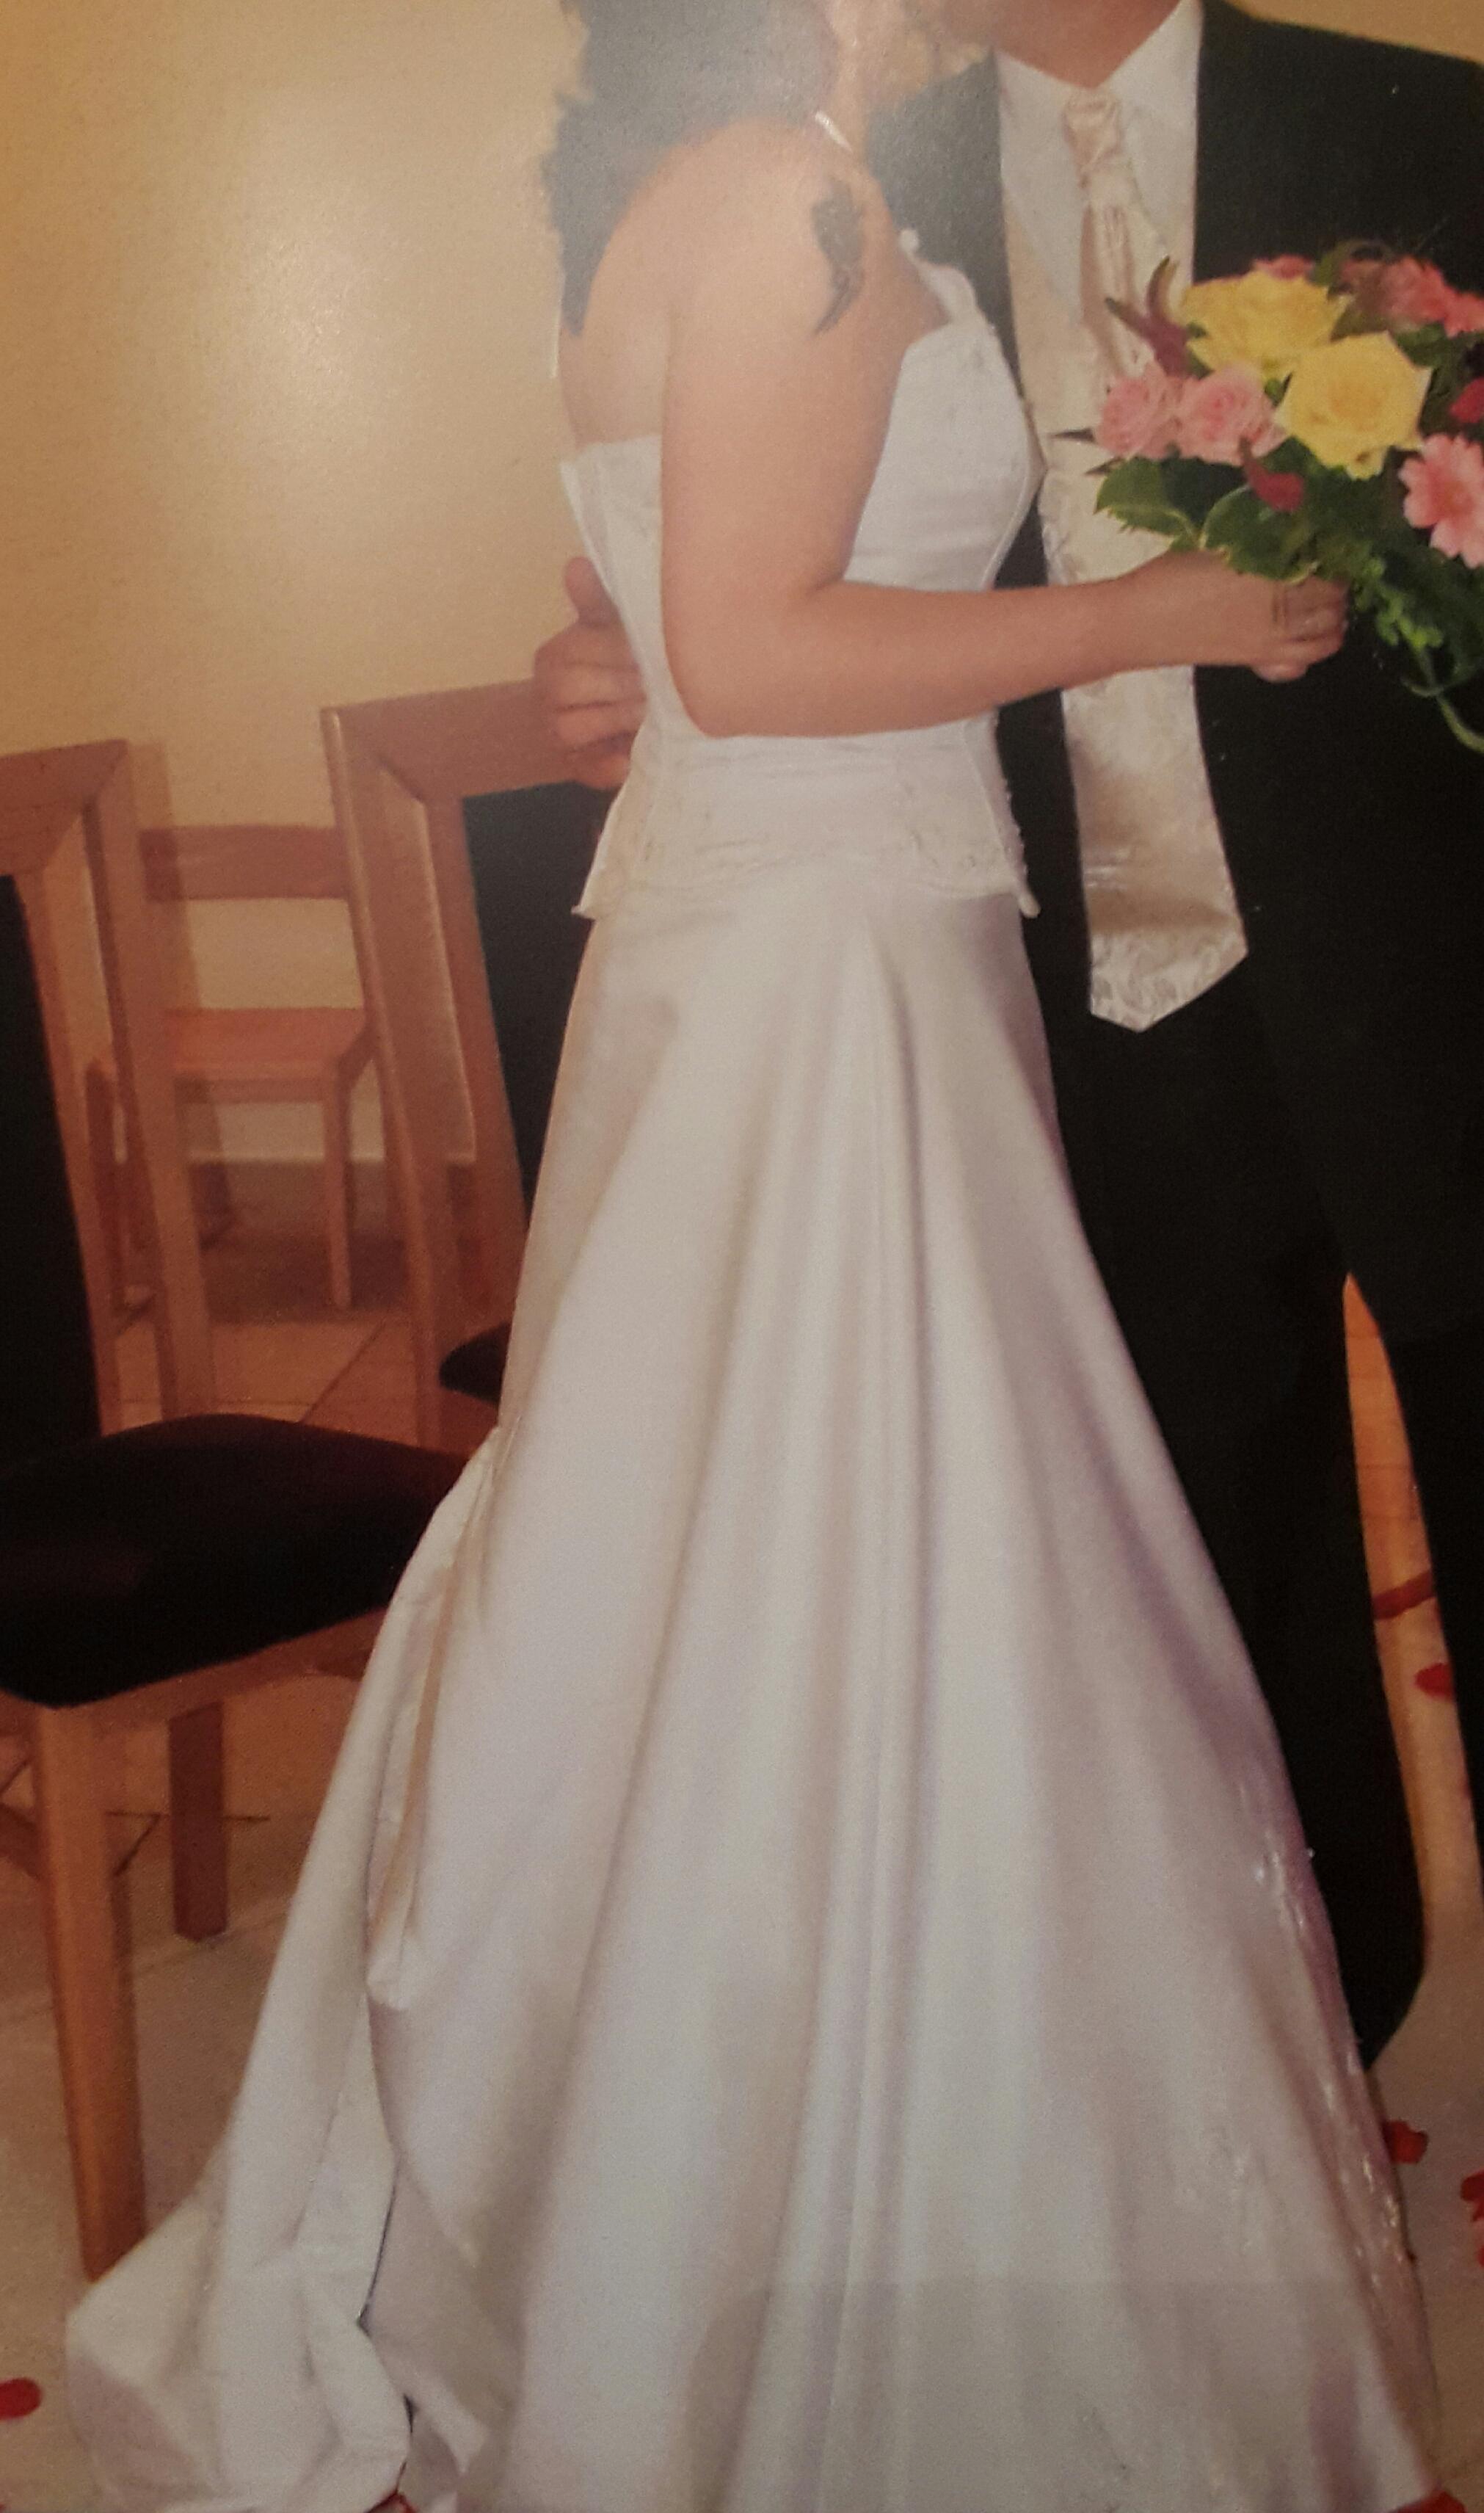 Brautkleid 2-teilig | Brautkleid Verkaufen